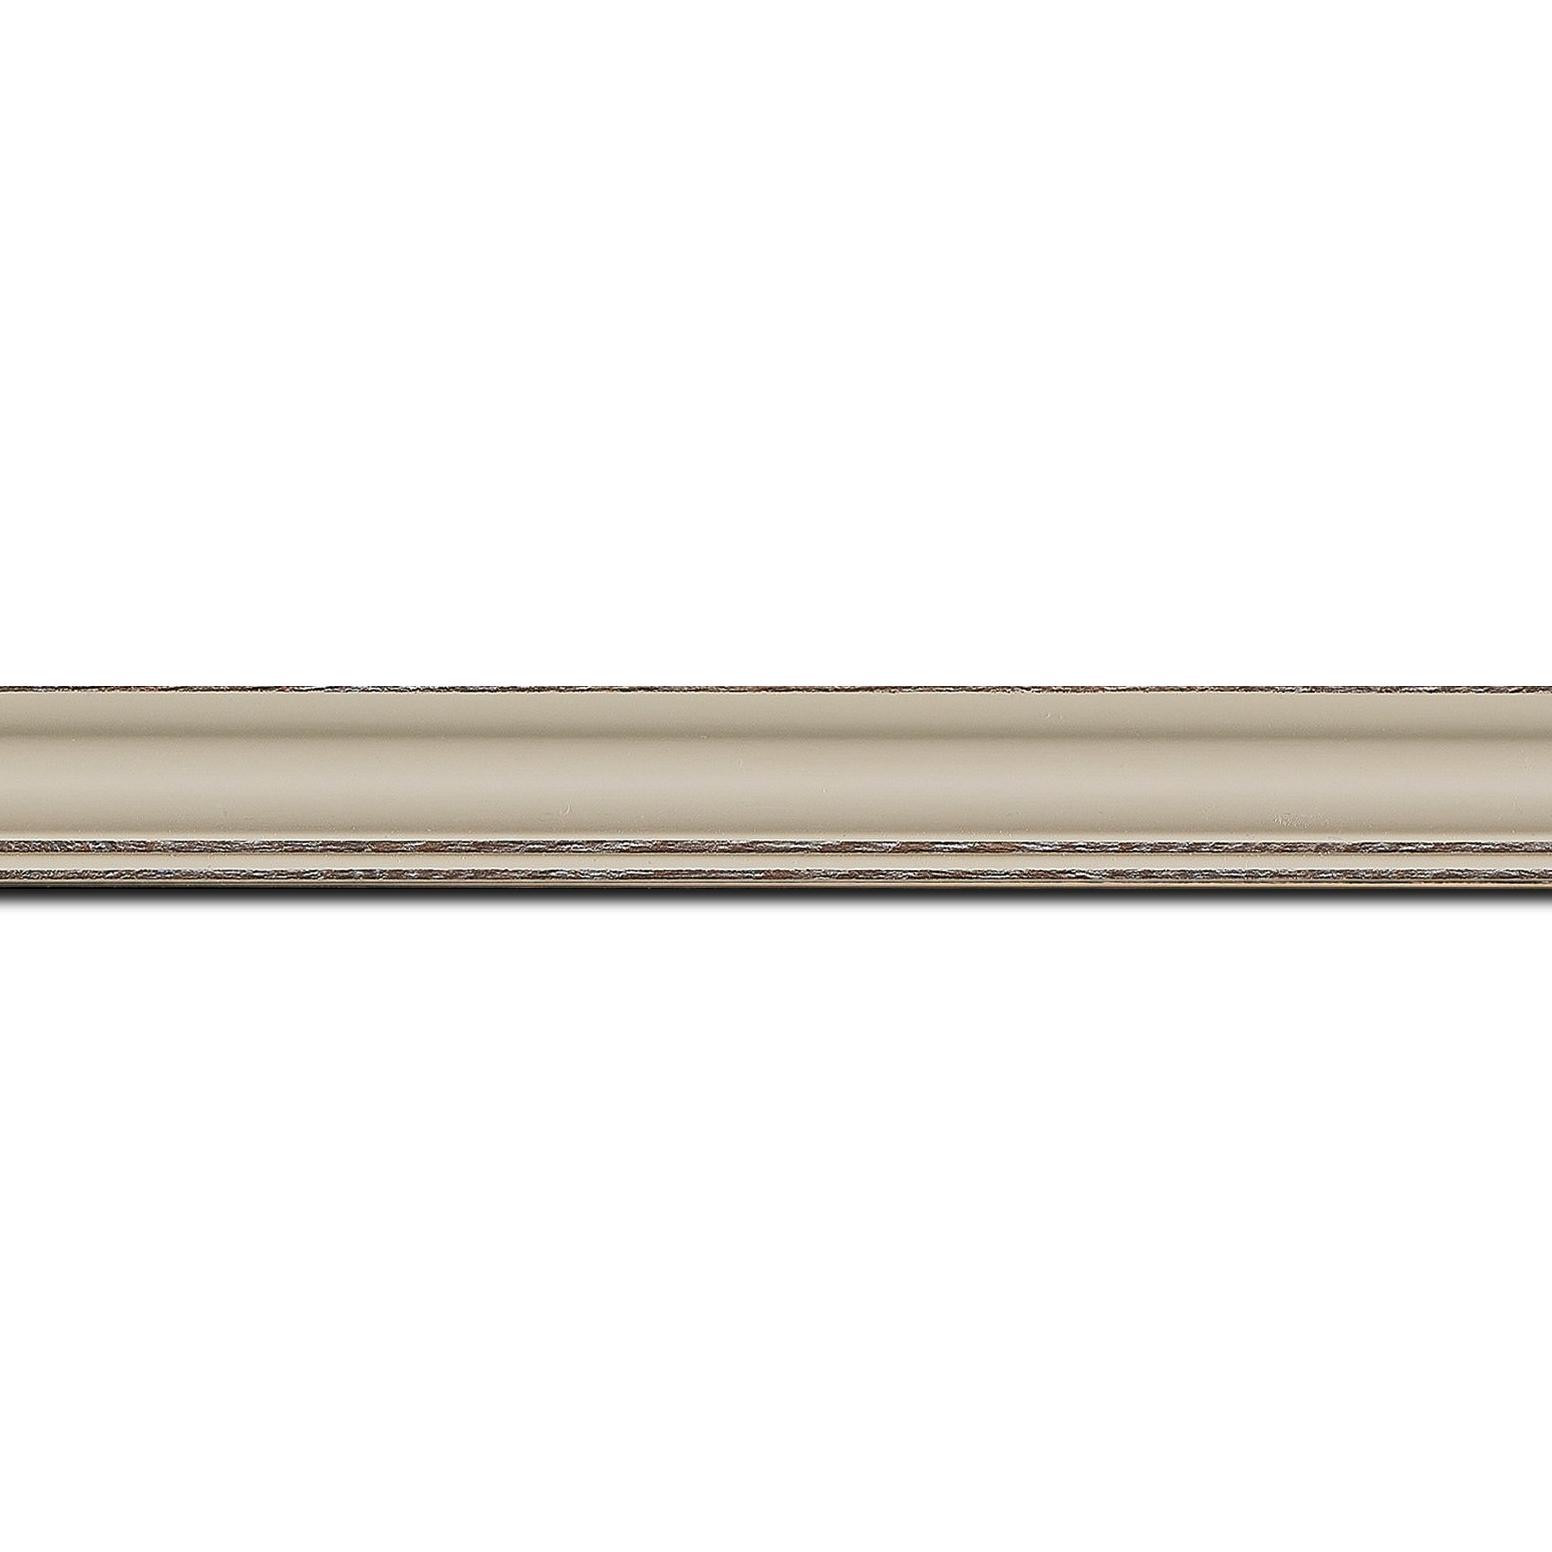 Pack par 12m, bois profil doucine inversée largeur 2.3cm argile satiné bord ressuyé(longueur baguette pouvant varier entre 2.40m et 3m selon arrivage des bois)